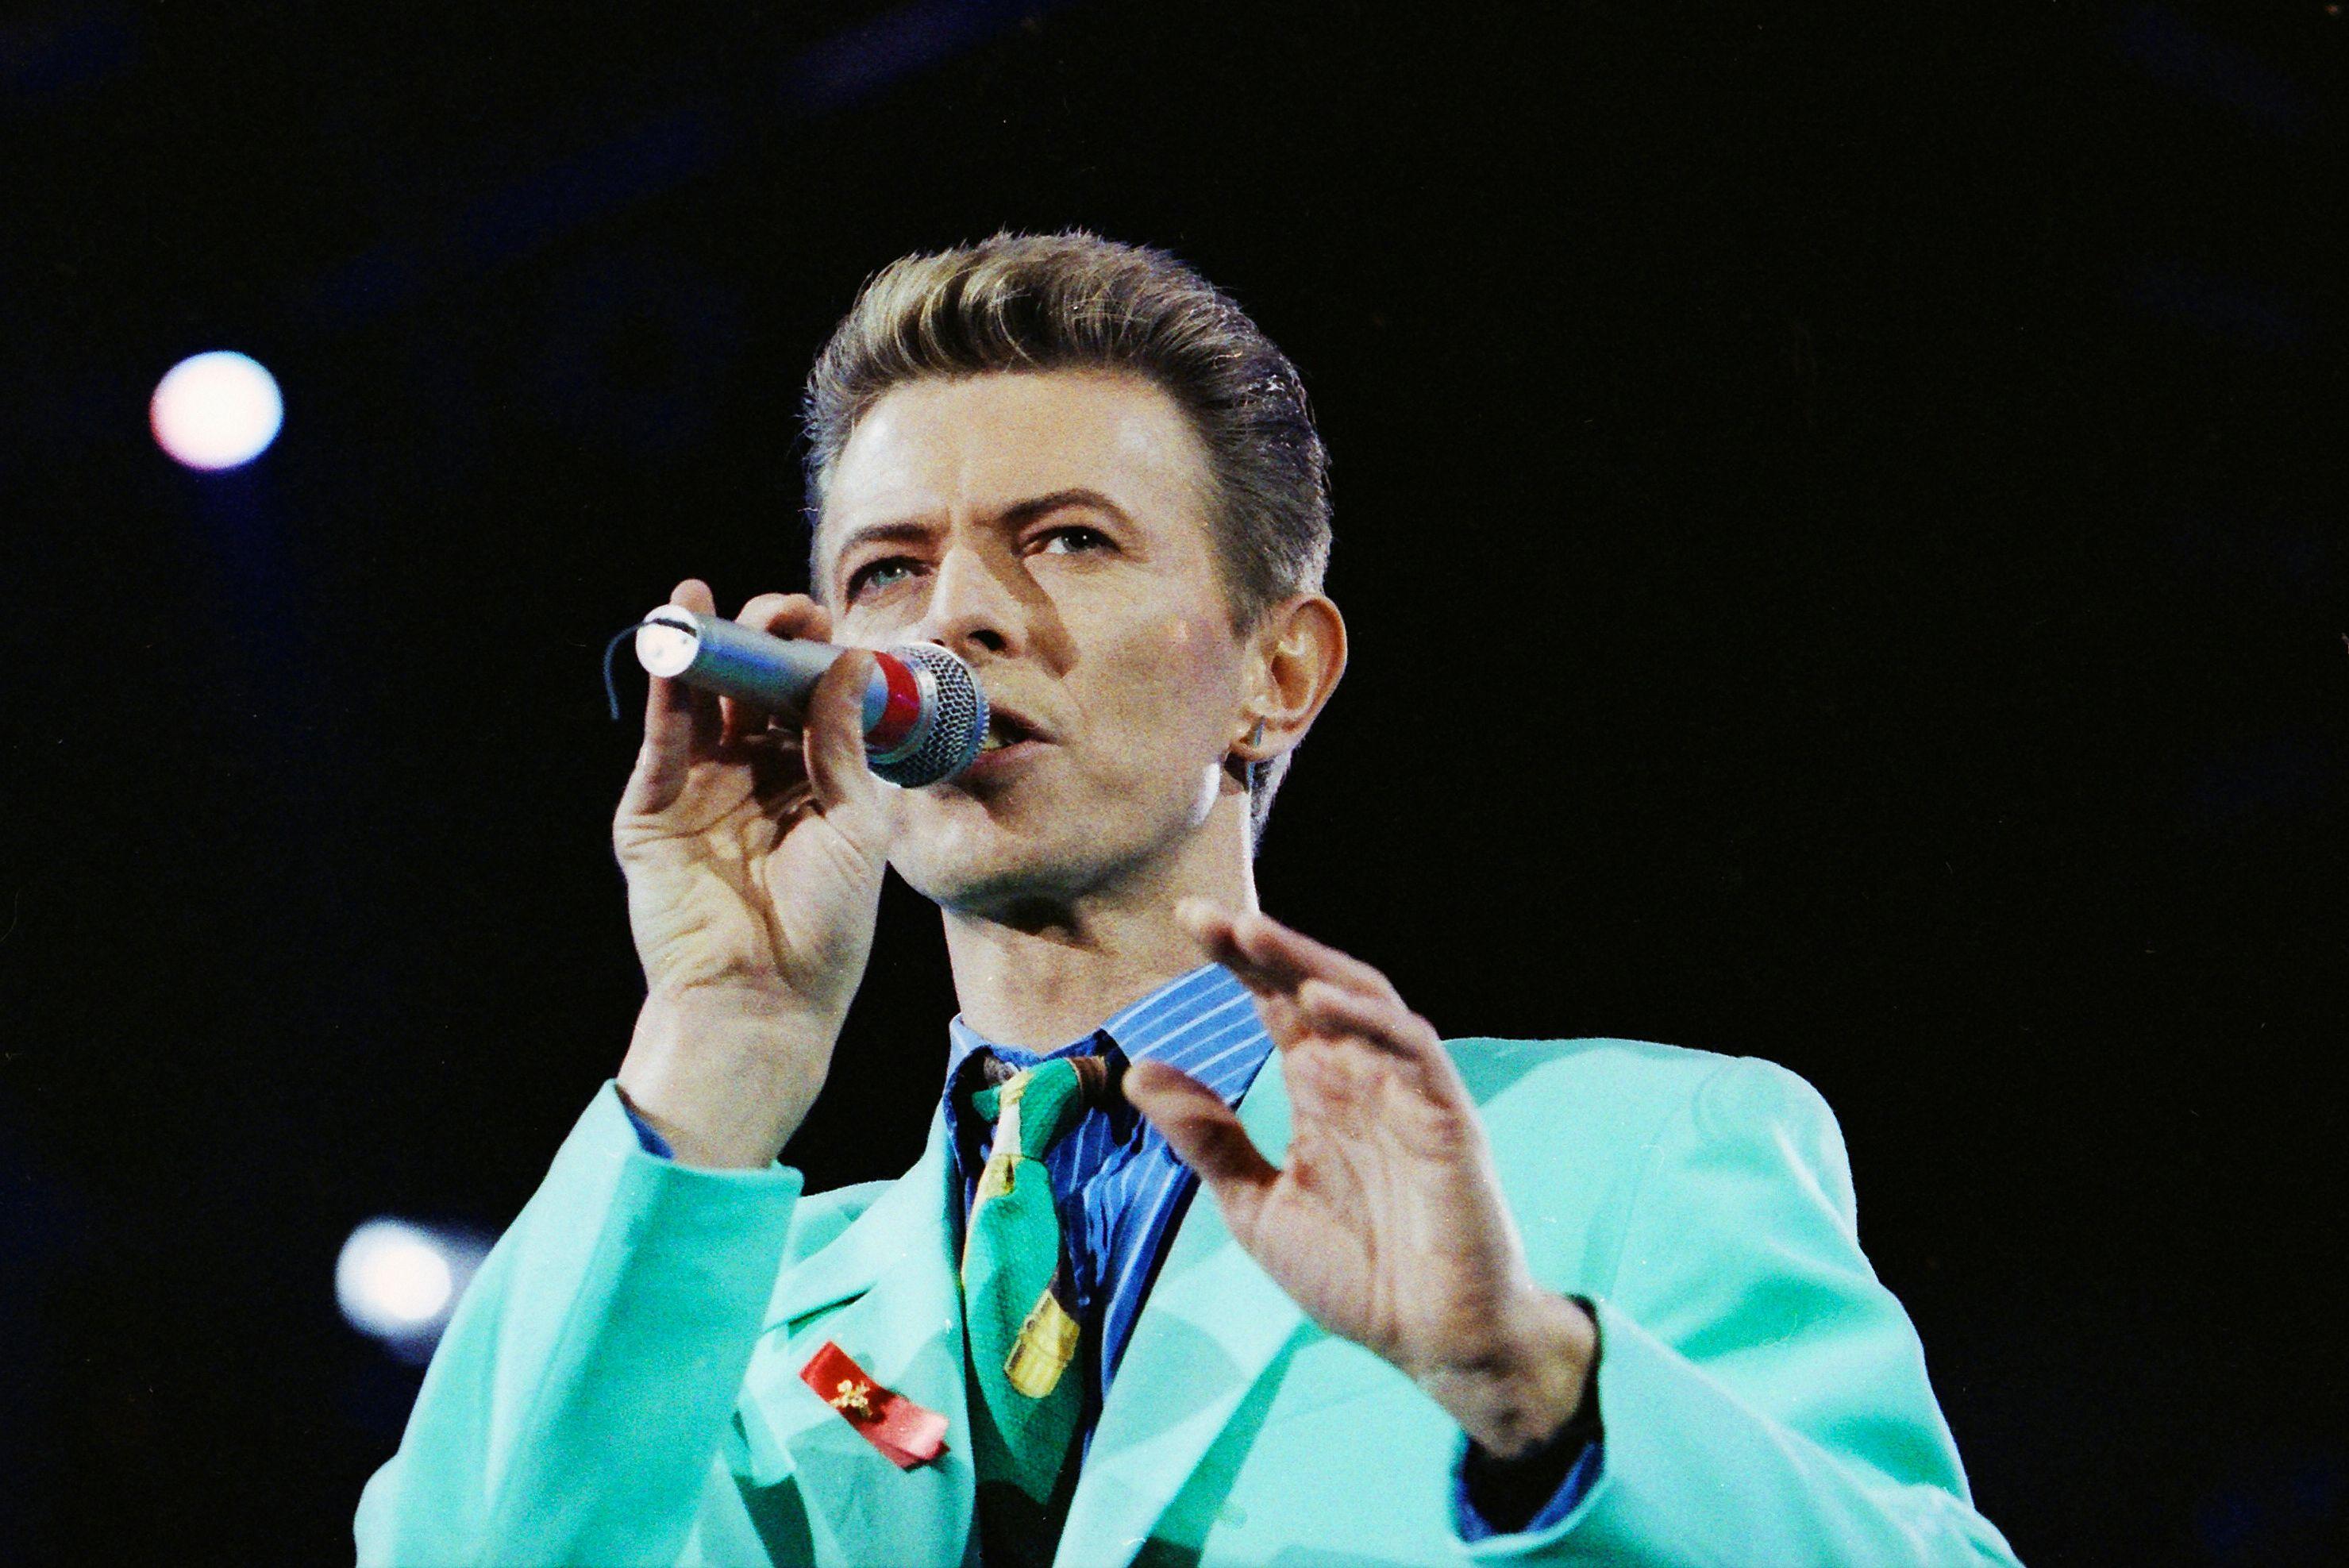 David Bowie : des inédits à venir d'ici 2017